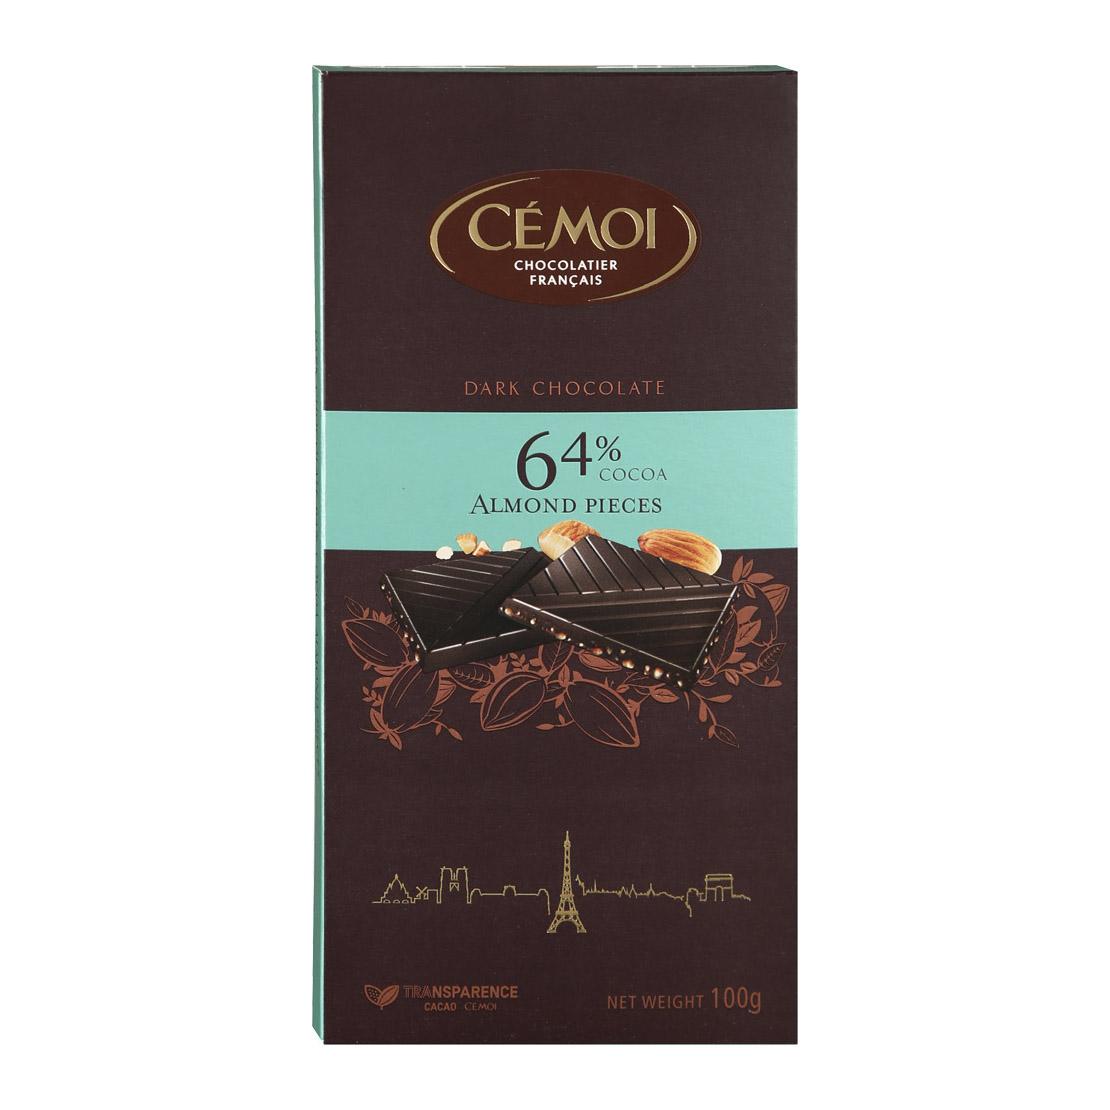 шоколад cemoi темный с карамелизированными кусочками миндаля 100 г Шоколад Cemoi темный с карамелизированными кусочками миндаля 100 г